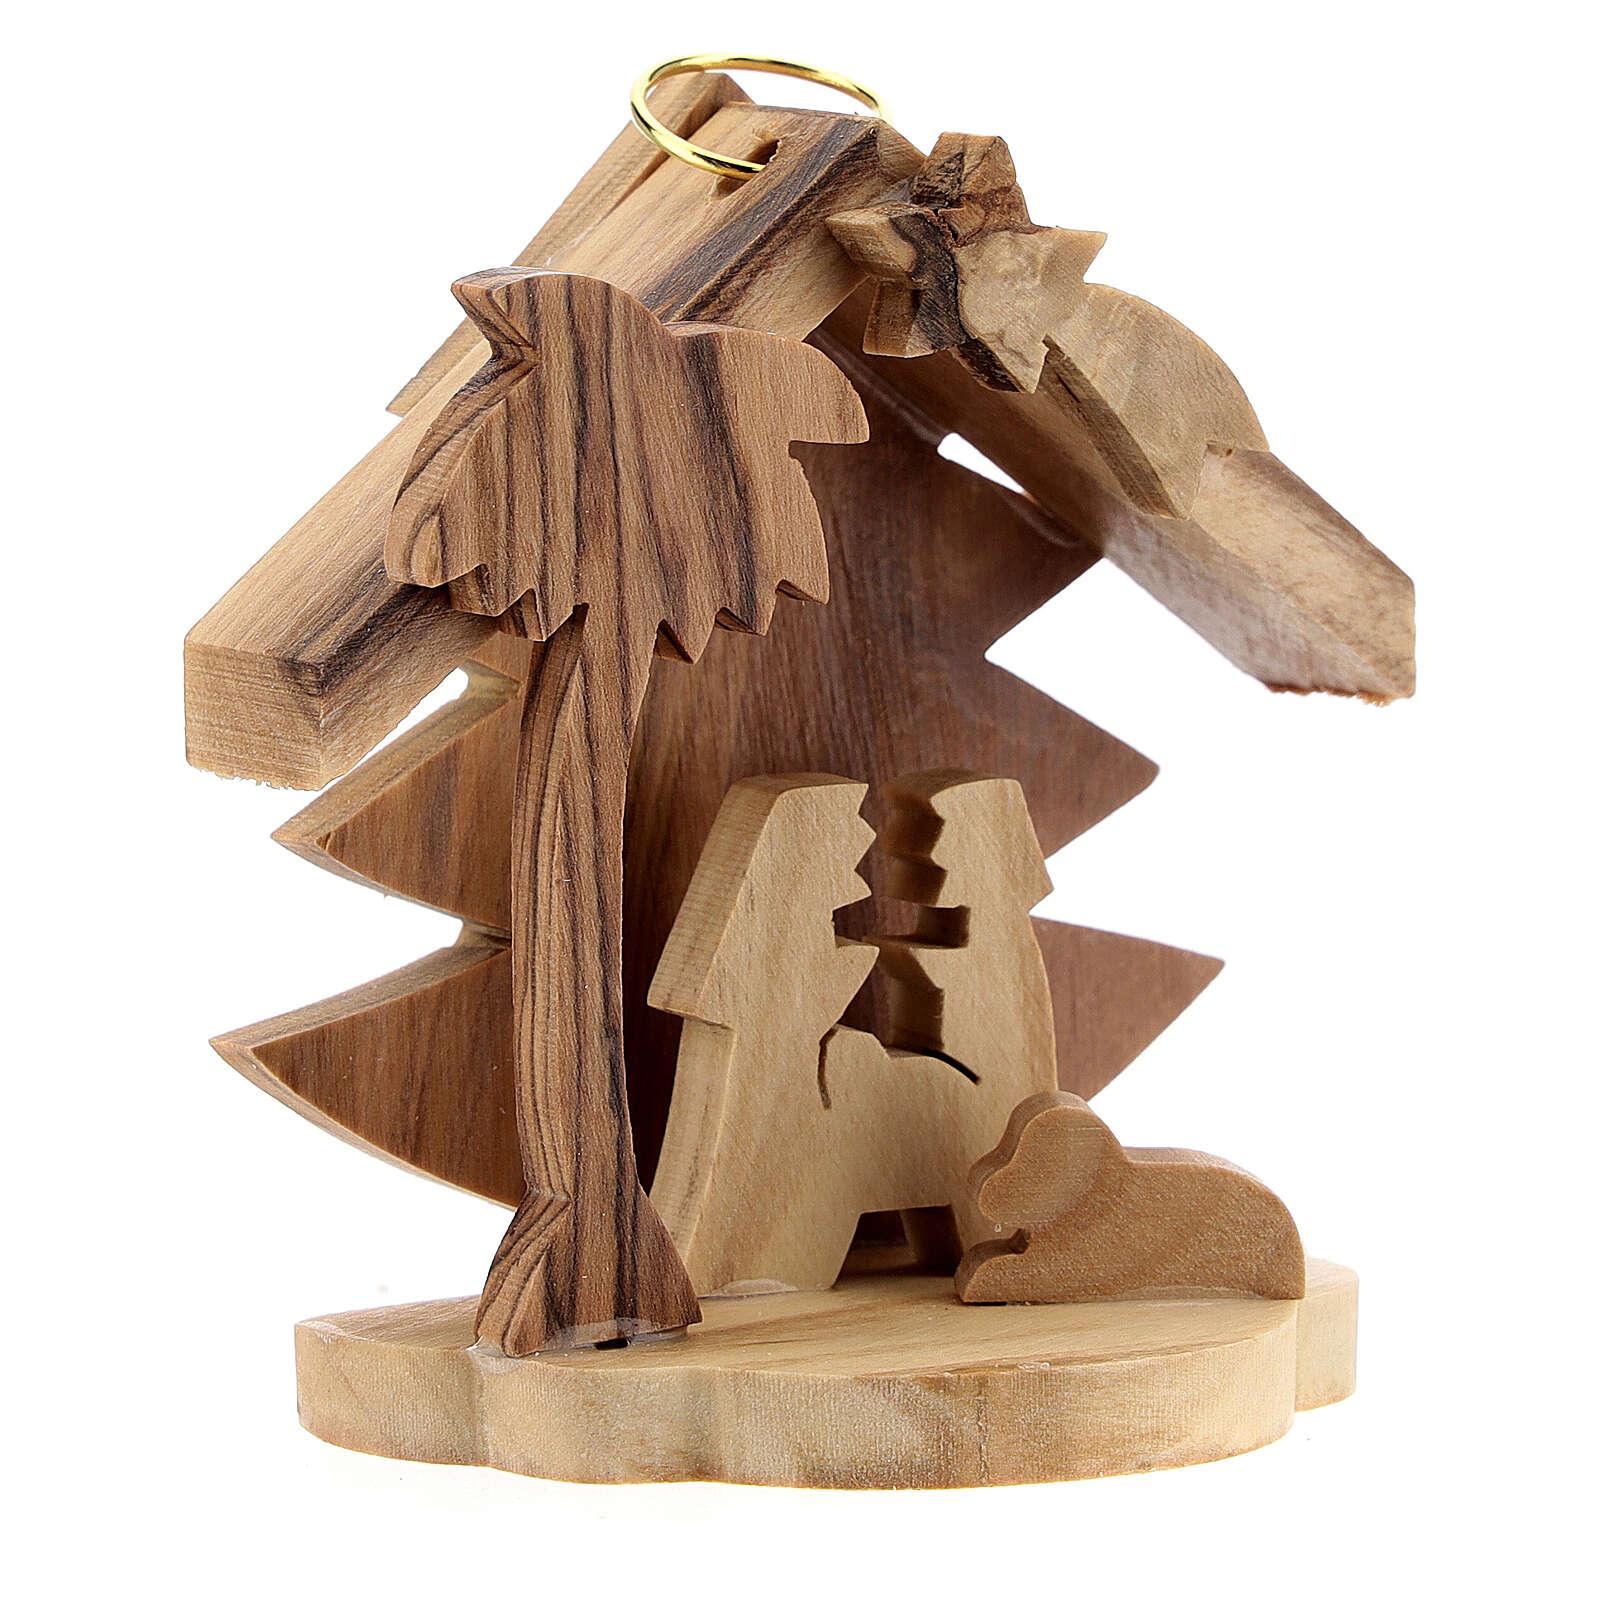 Adorno árvore de Natal silhueta Sagrada Família madeira de oliveira de Belém 7 cm 4